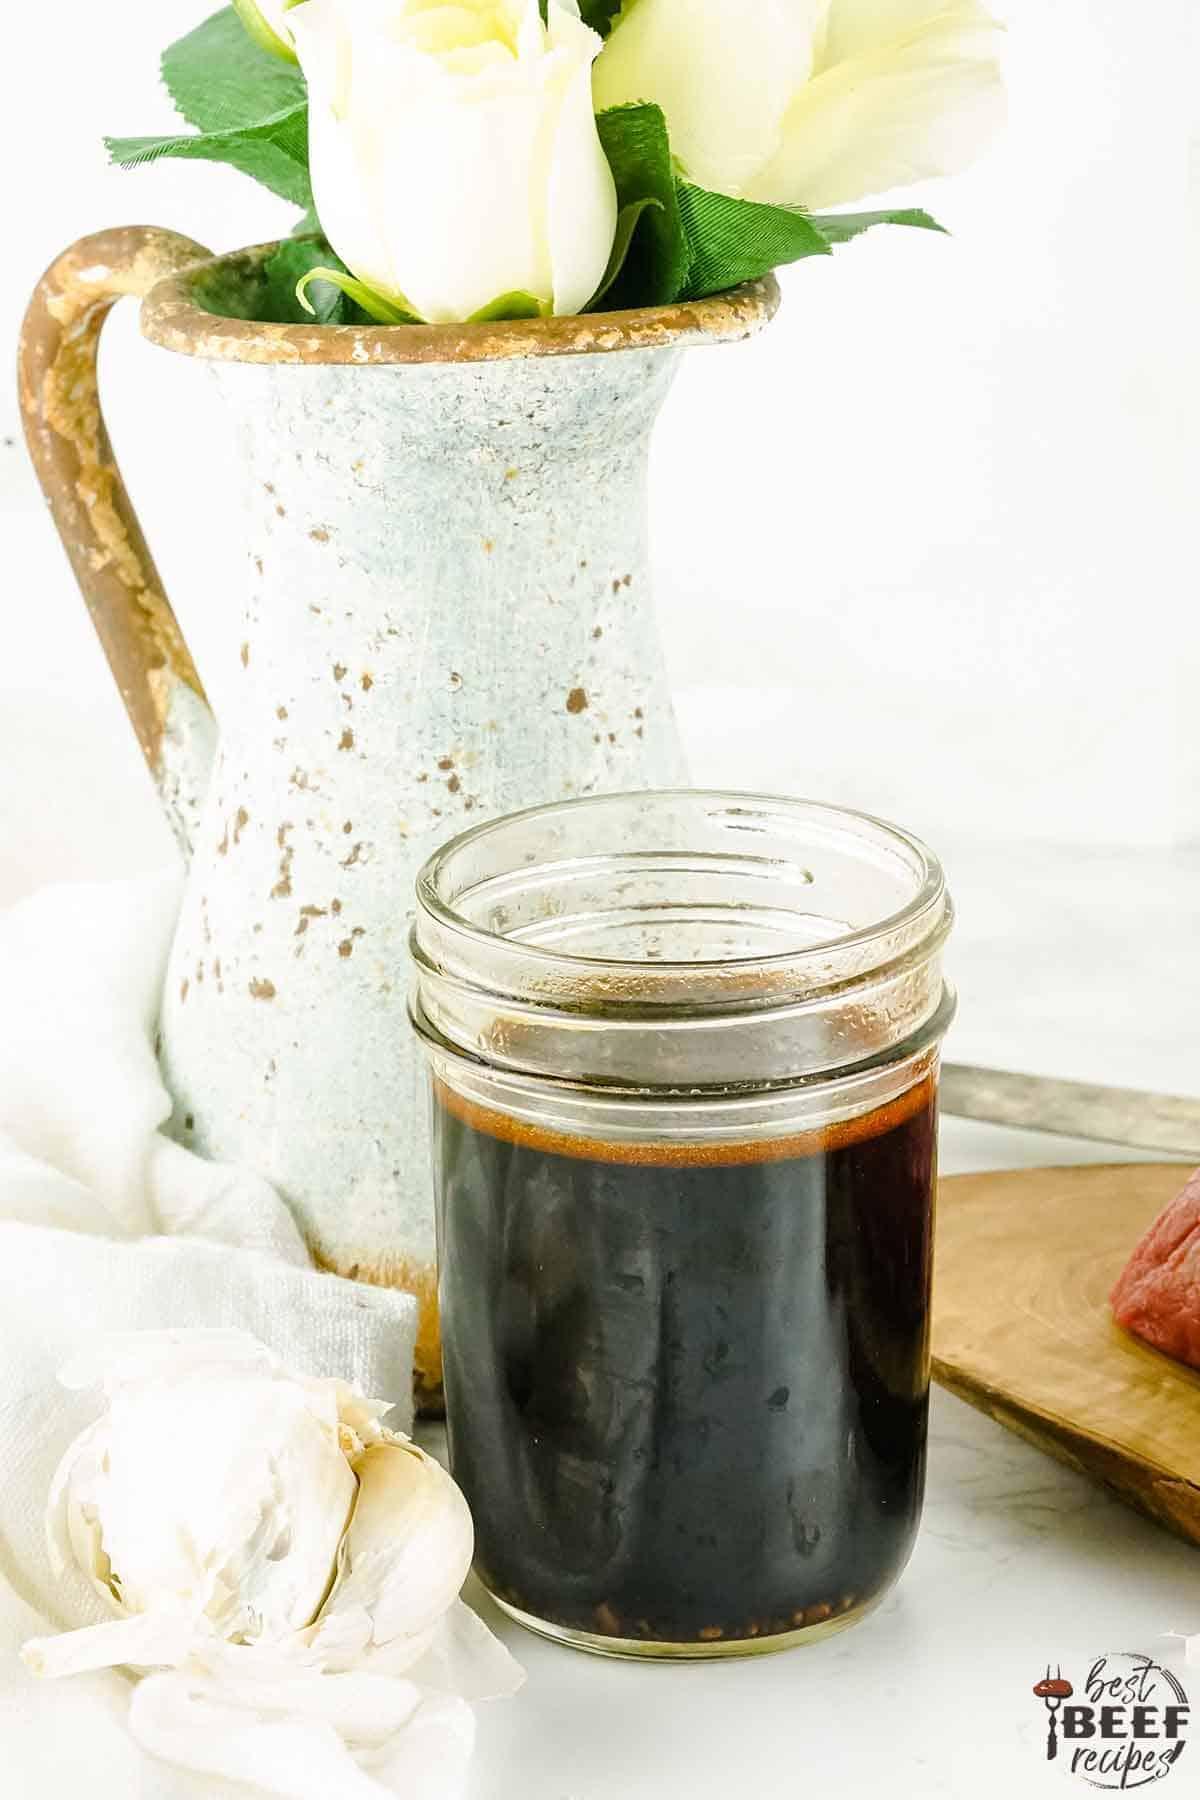 An open  jar of Asian marinade for steak